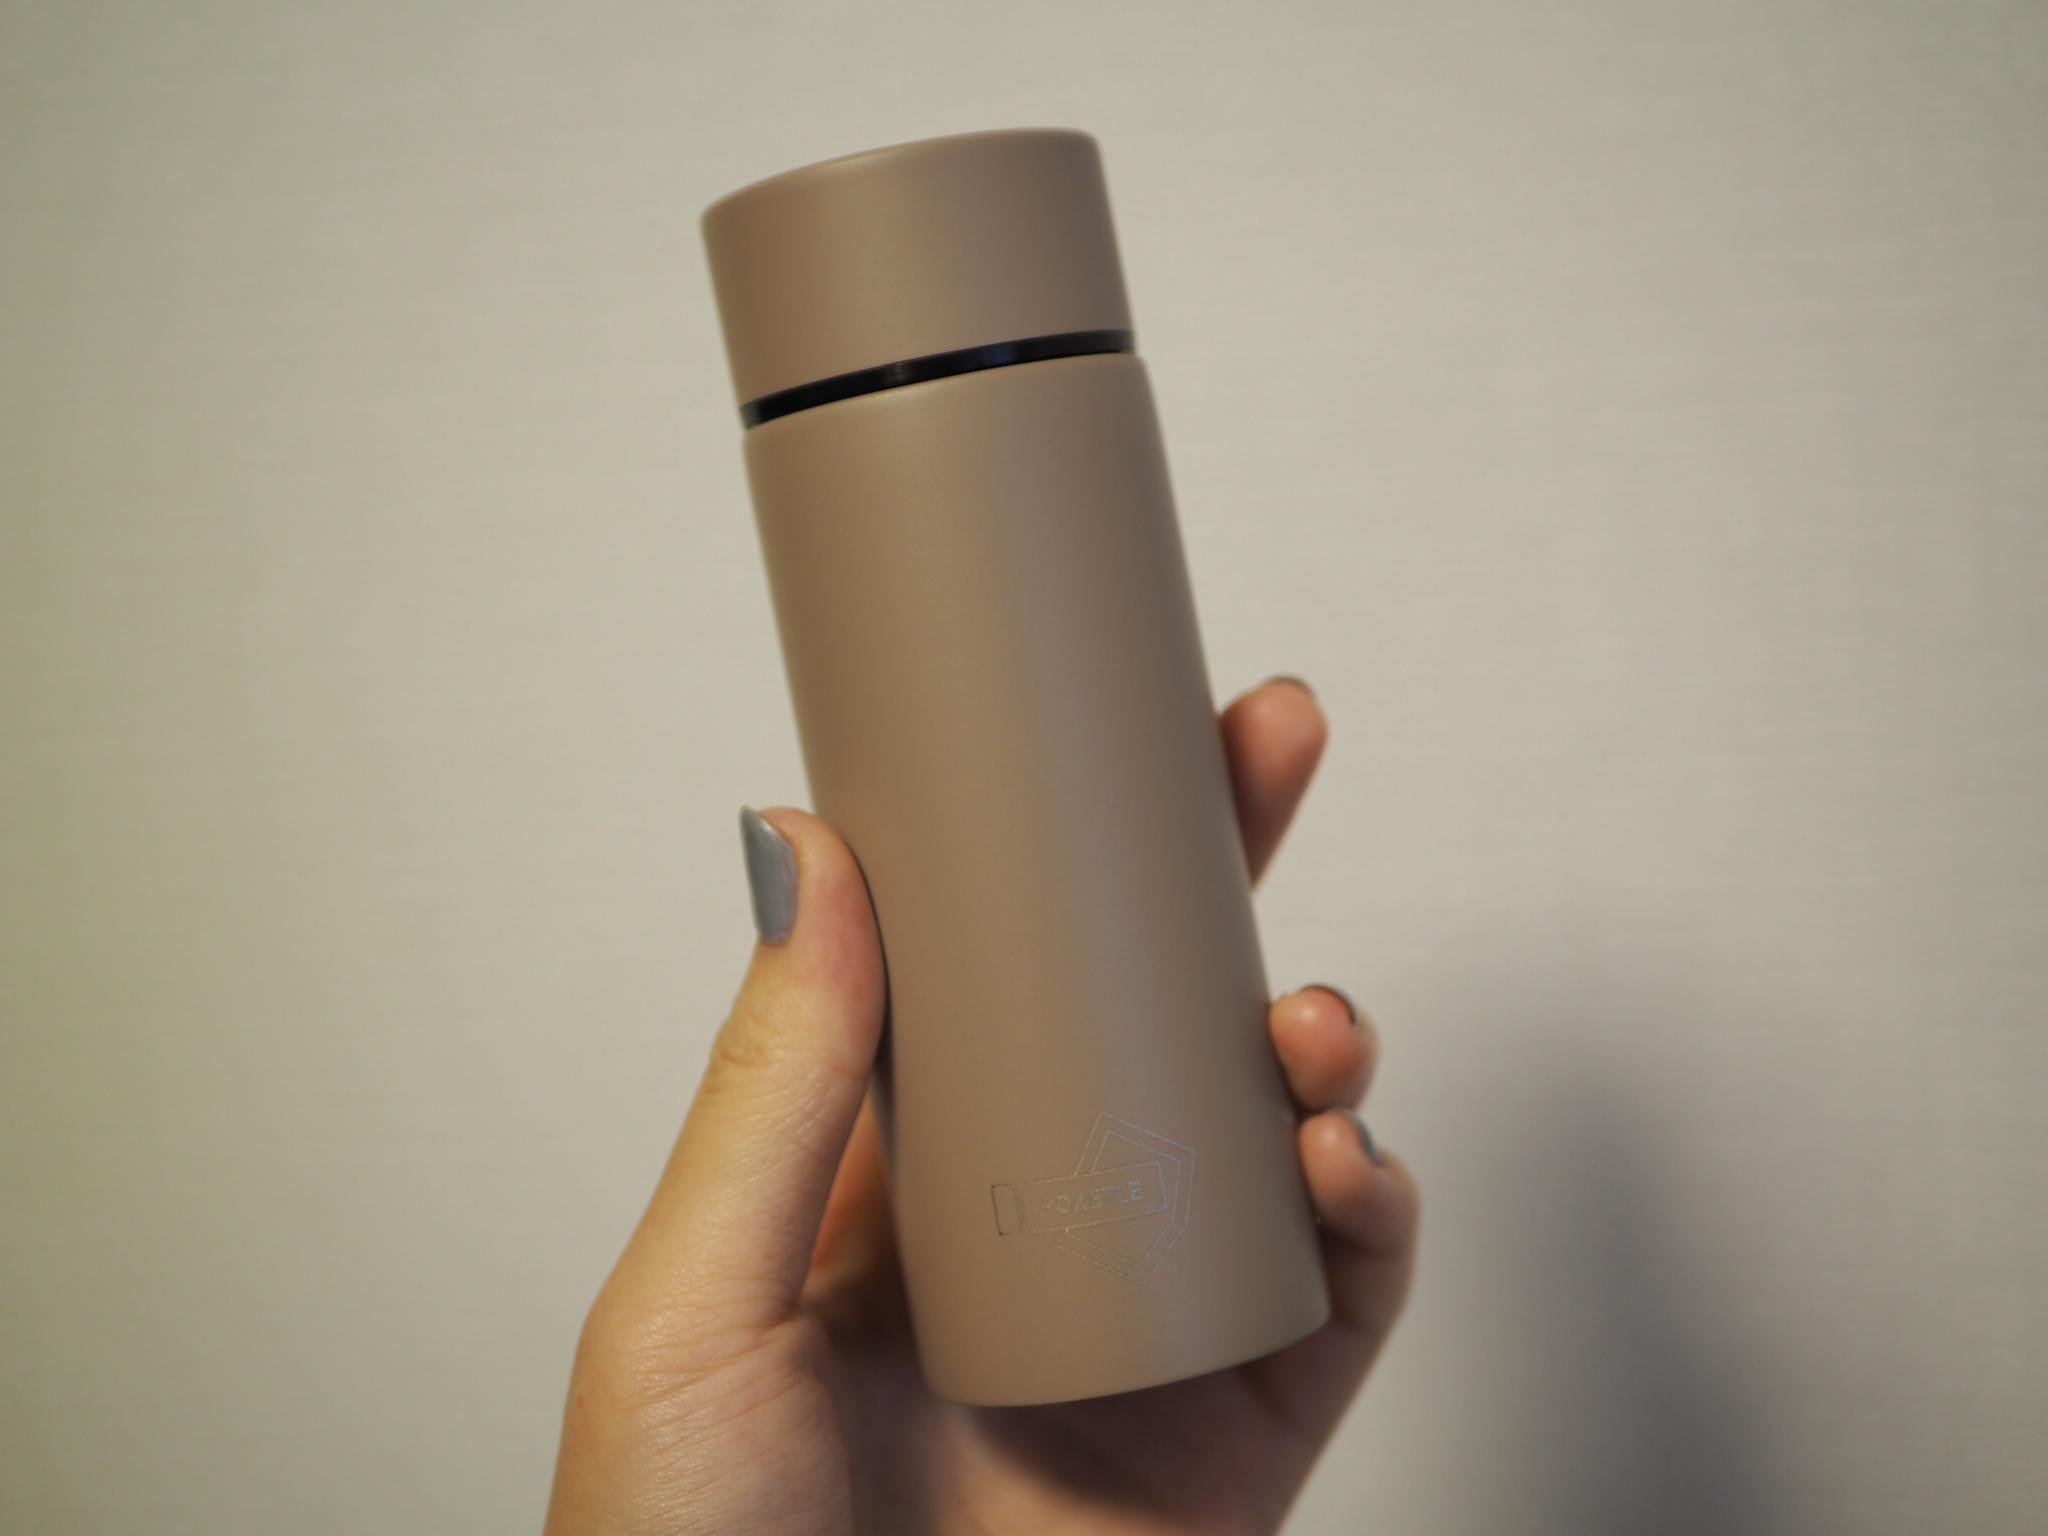 日本一小さくて可愛い水筒♡【POKETLE(ポケトル)】を買いました!_1